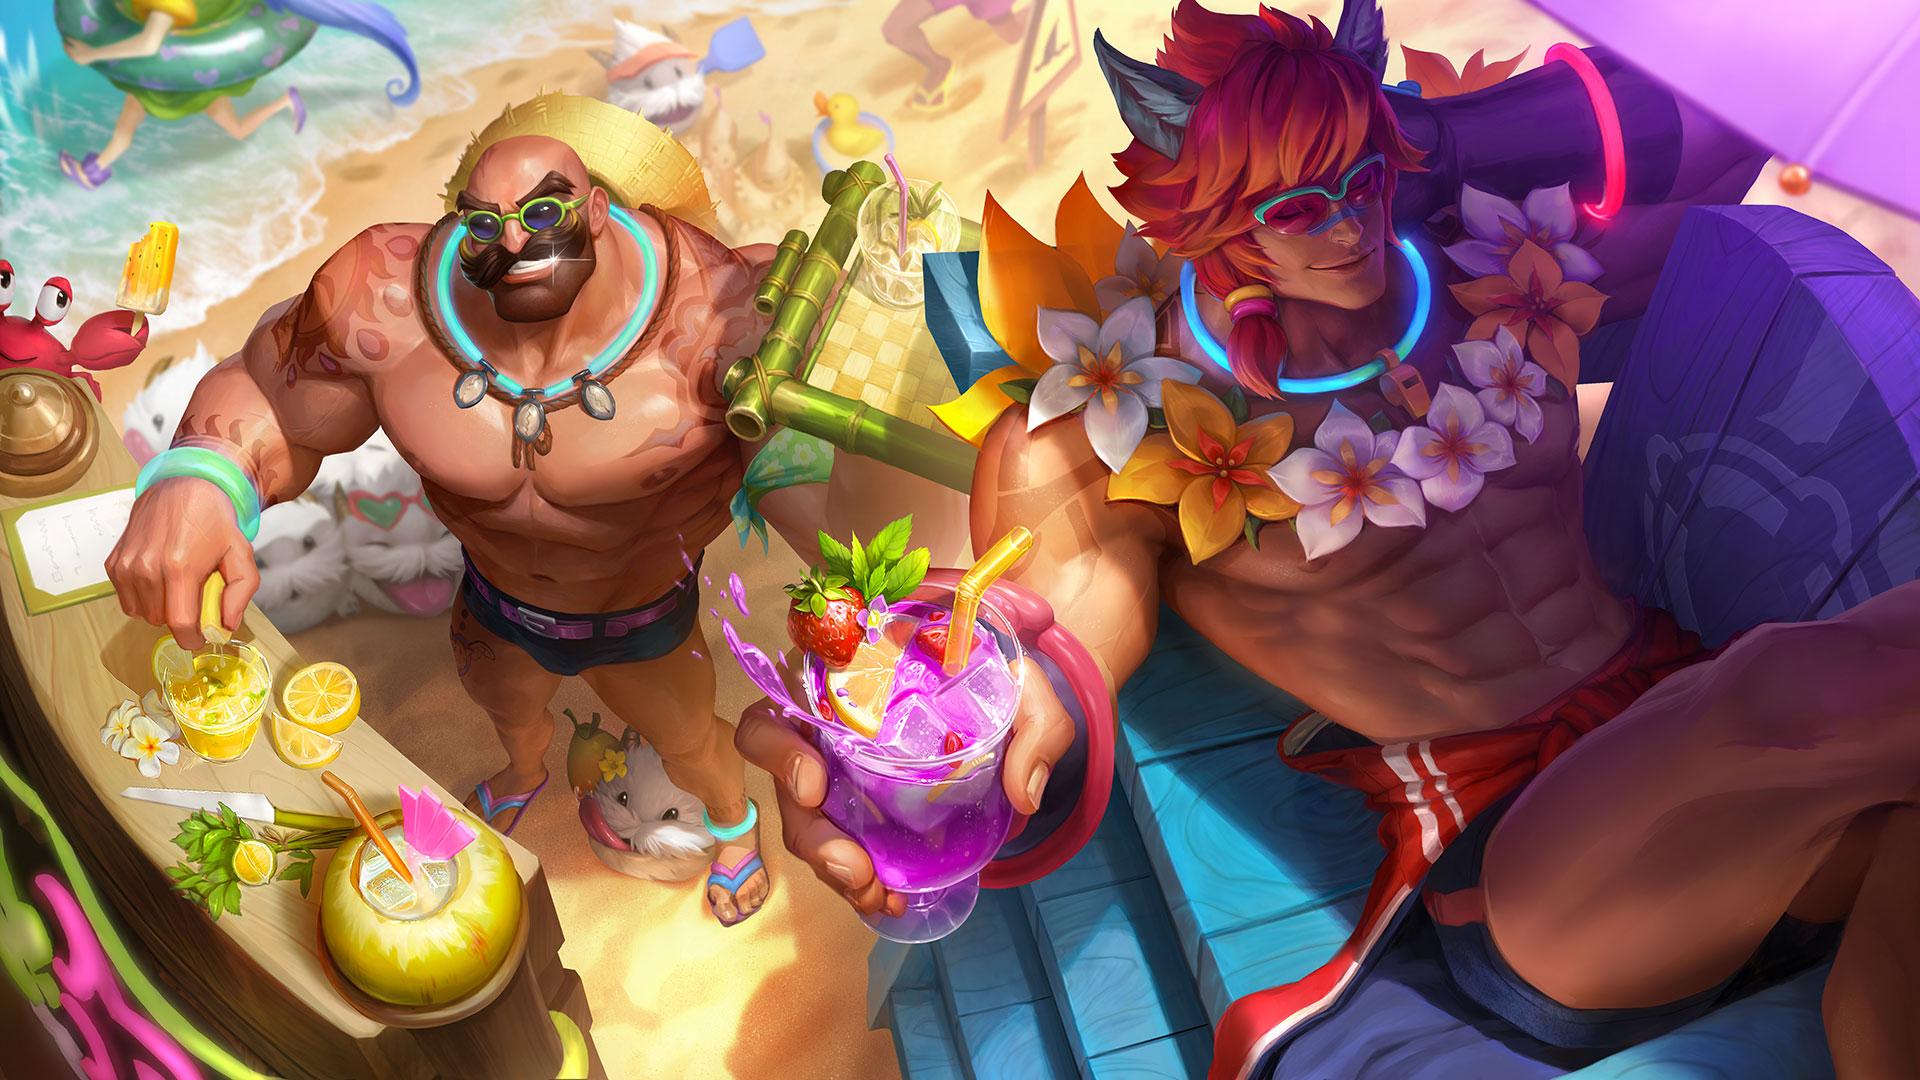 Braum et sett summer league of legends